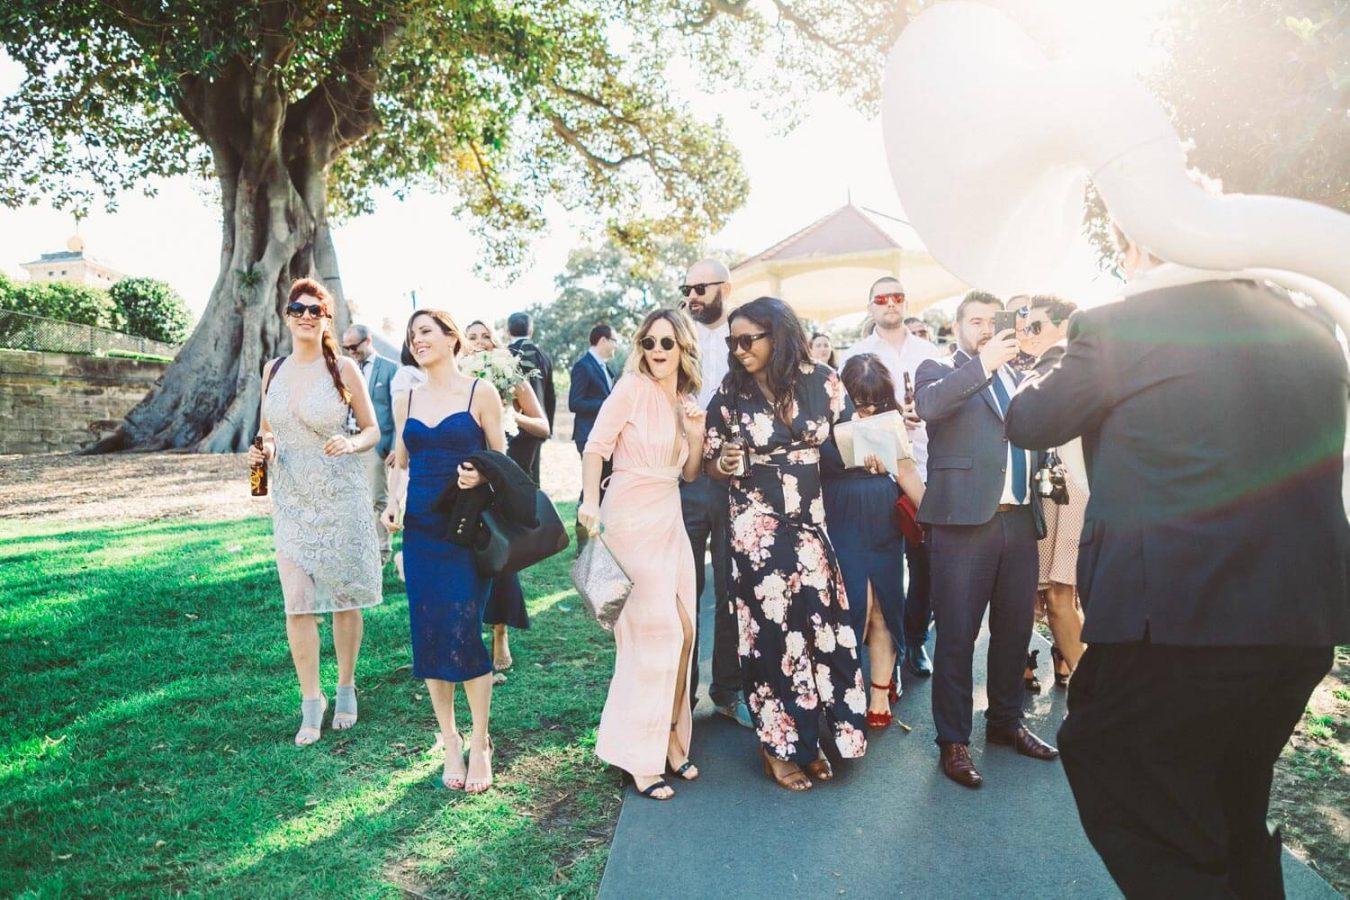 lela_rob_wedding_kat_rollings-0221